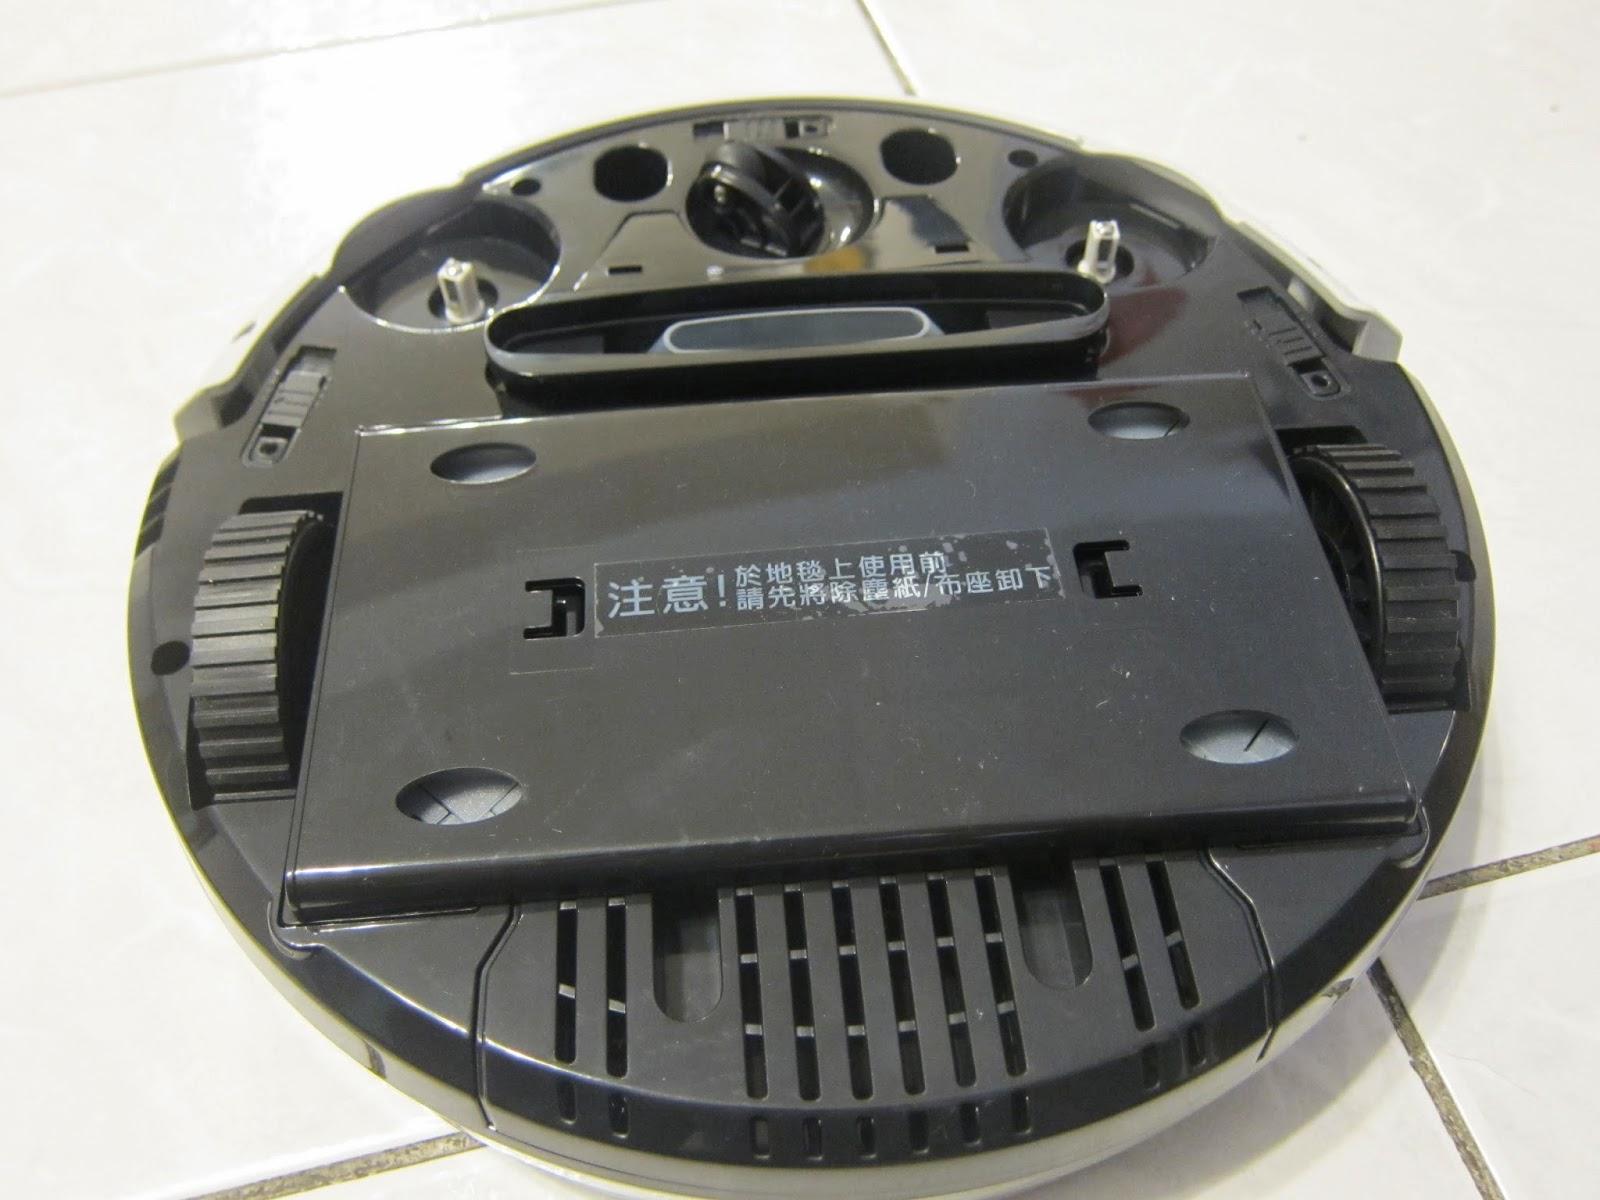 IMG 2251 - [開箱] V-BOT M270 迷你智慧型掃地機器人